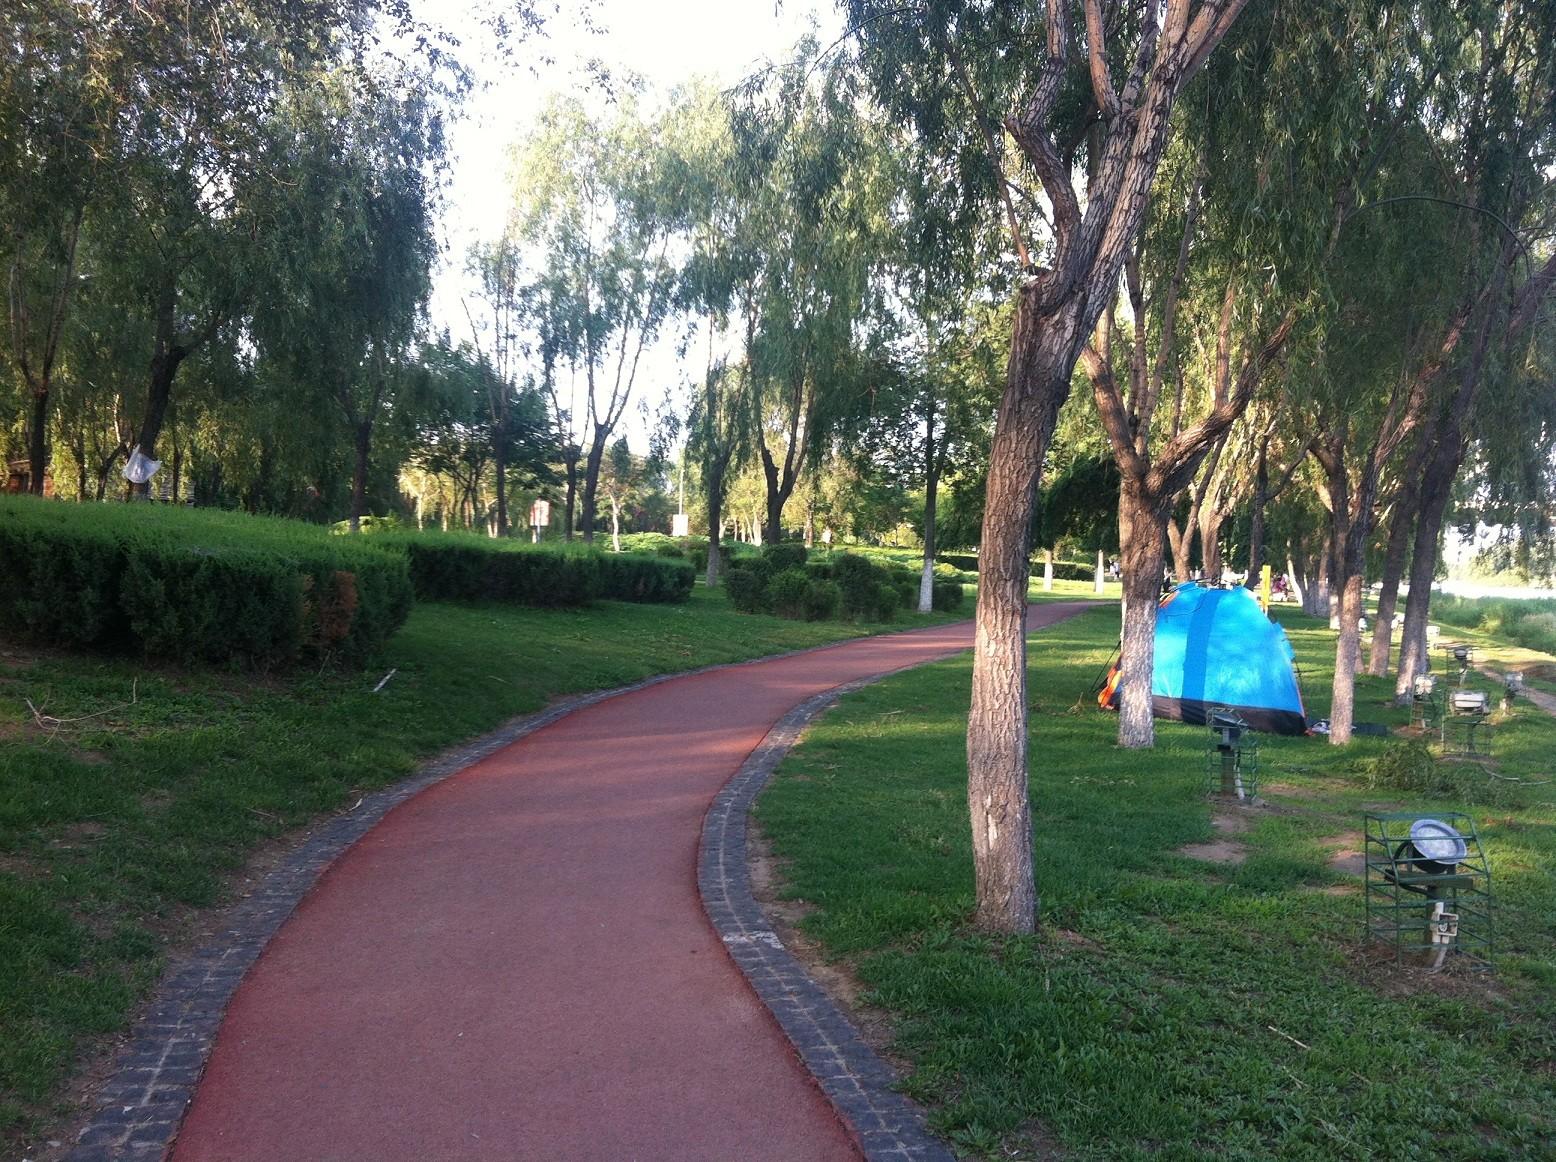 沈阳五里河公园东起长青桥,西至青年大街浑河桥,横跨4公里;北起二环路,南至浑河岸边,纵距400米。首期工程从2001年4月开始施工,于2002年6月竣工。公园占地总面积为126公顷(其中河心岛为12公顷),集文化、休闲、娱乐功能为一体,是沈阳市最大的城市滨河公园。公园建设以植物造园为主,分为自然景观区、文化休闲区、娱乐服务区、异禽生态区、沿道路景观区、湿地生态区、主入口区等几个主要区域。(7)步道/公园特点:沈阳五里河公园在沈阳城南筑起了一道亮丽的风景线。来到五里河公园沿岸,顺着缓步阶而下,附身就可以触摸